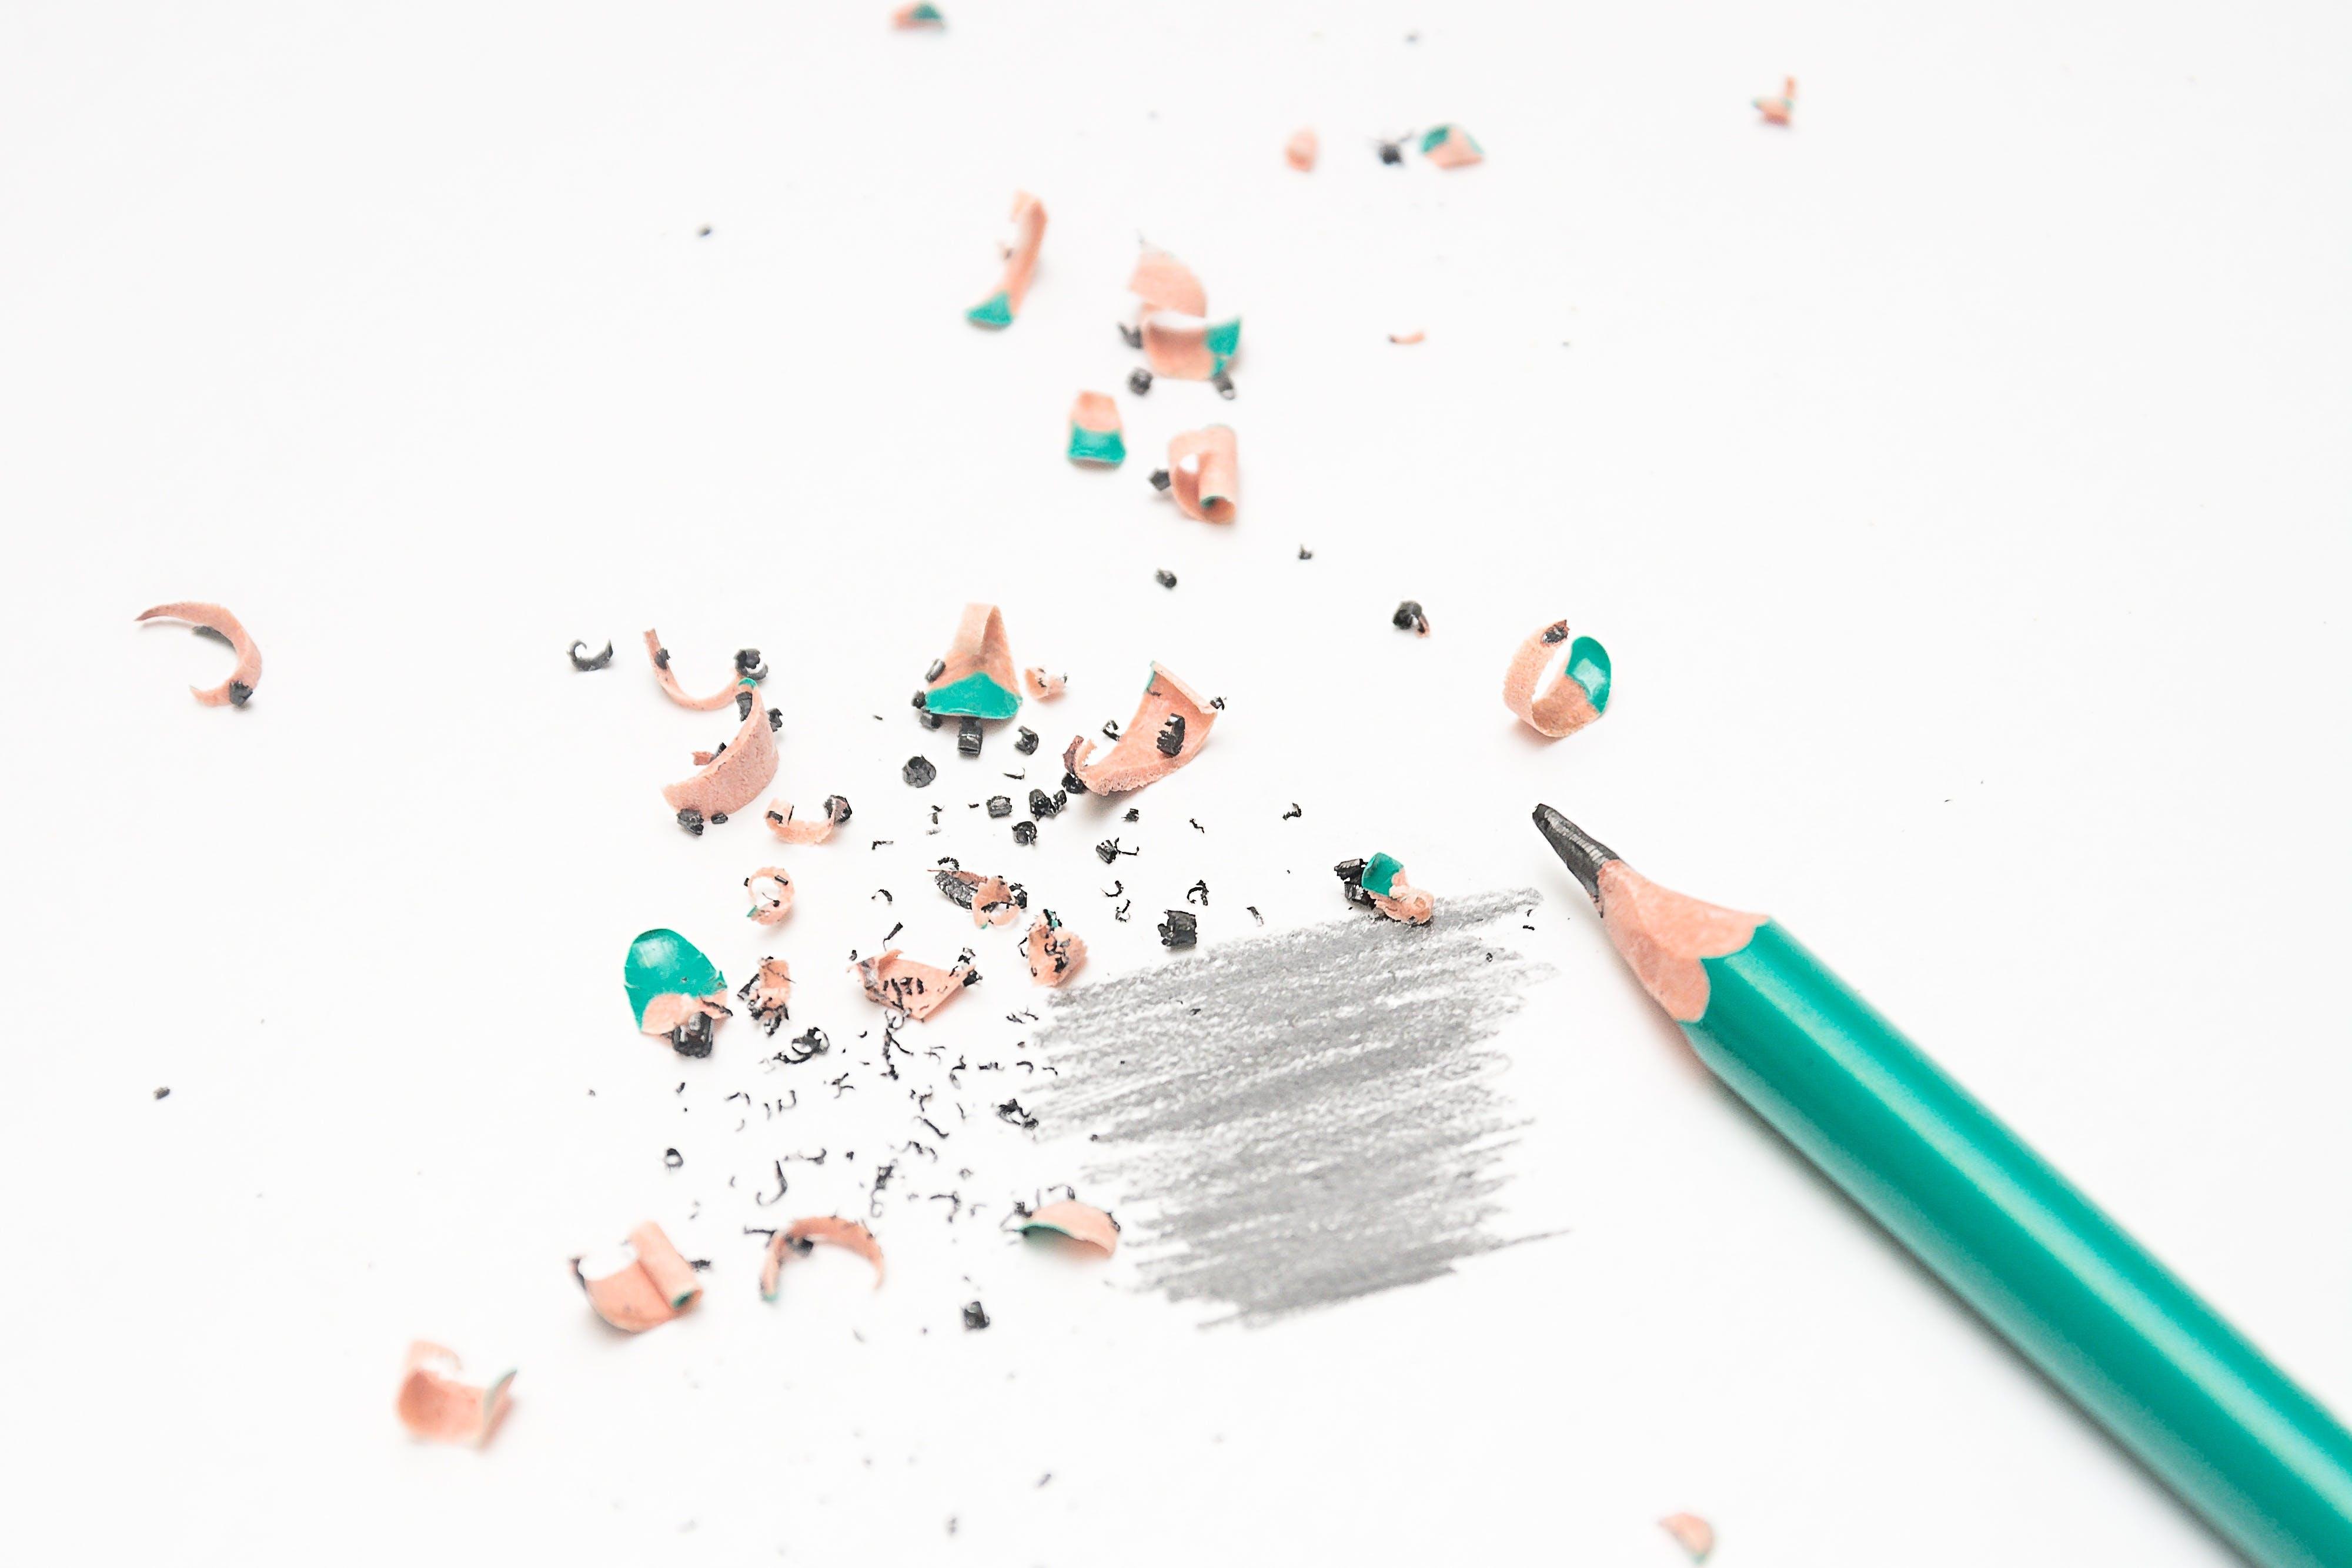 Gratis arkivbilde med blyant, blyantspisser, design, farge